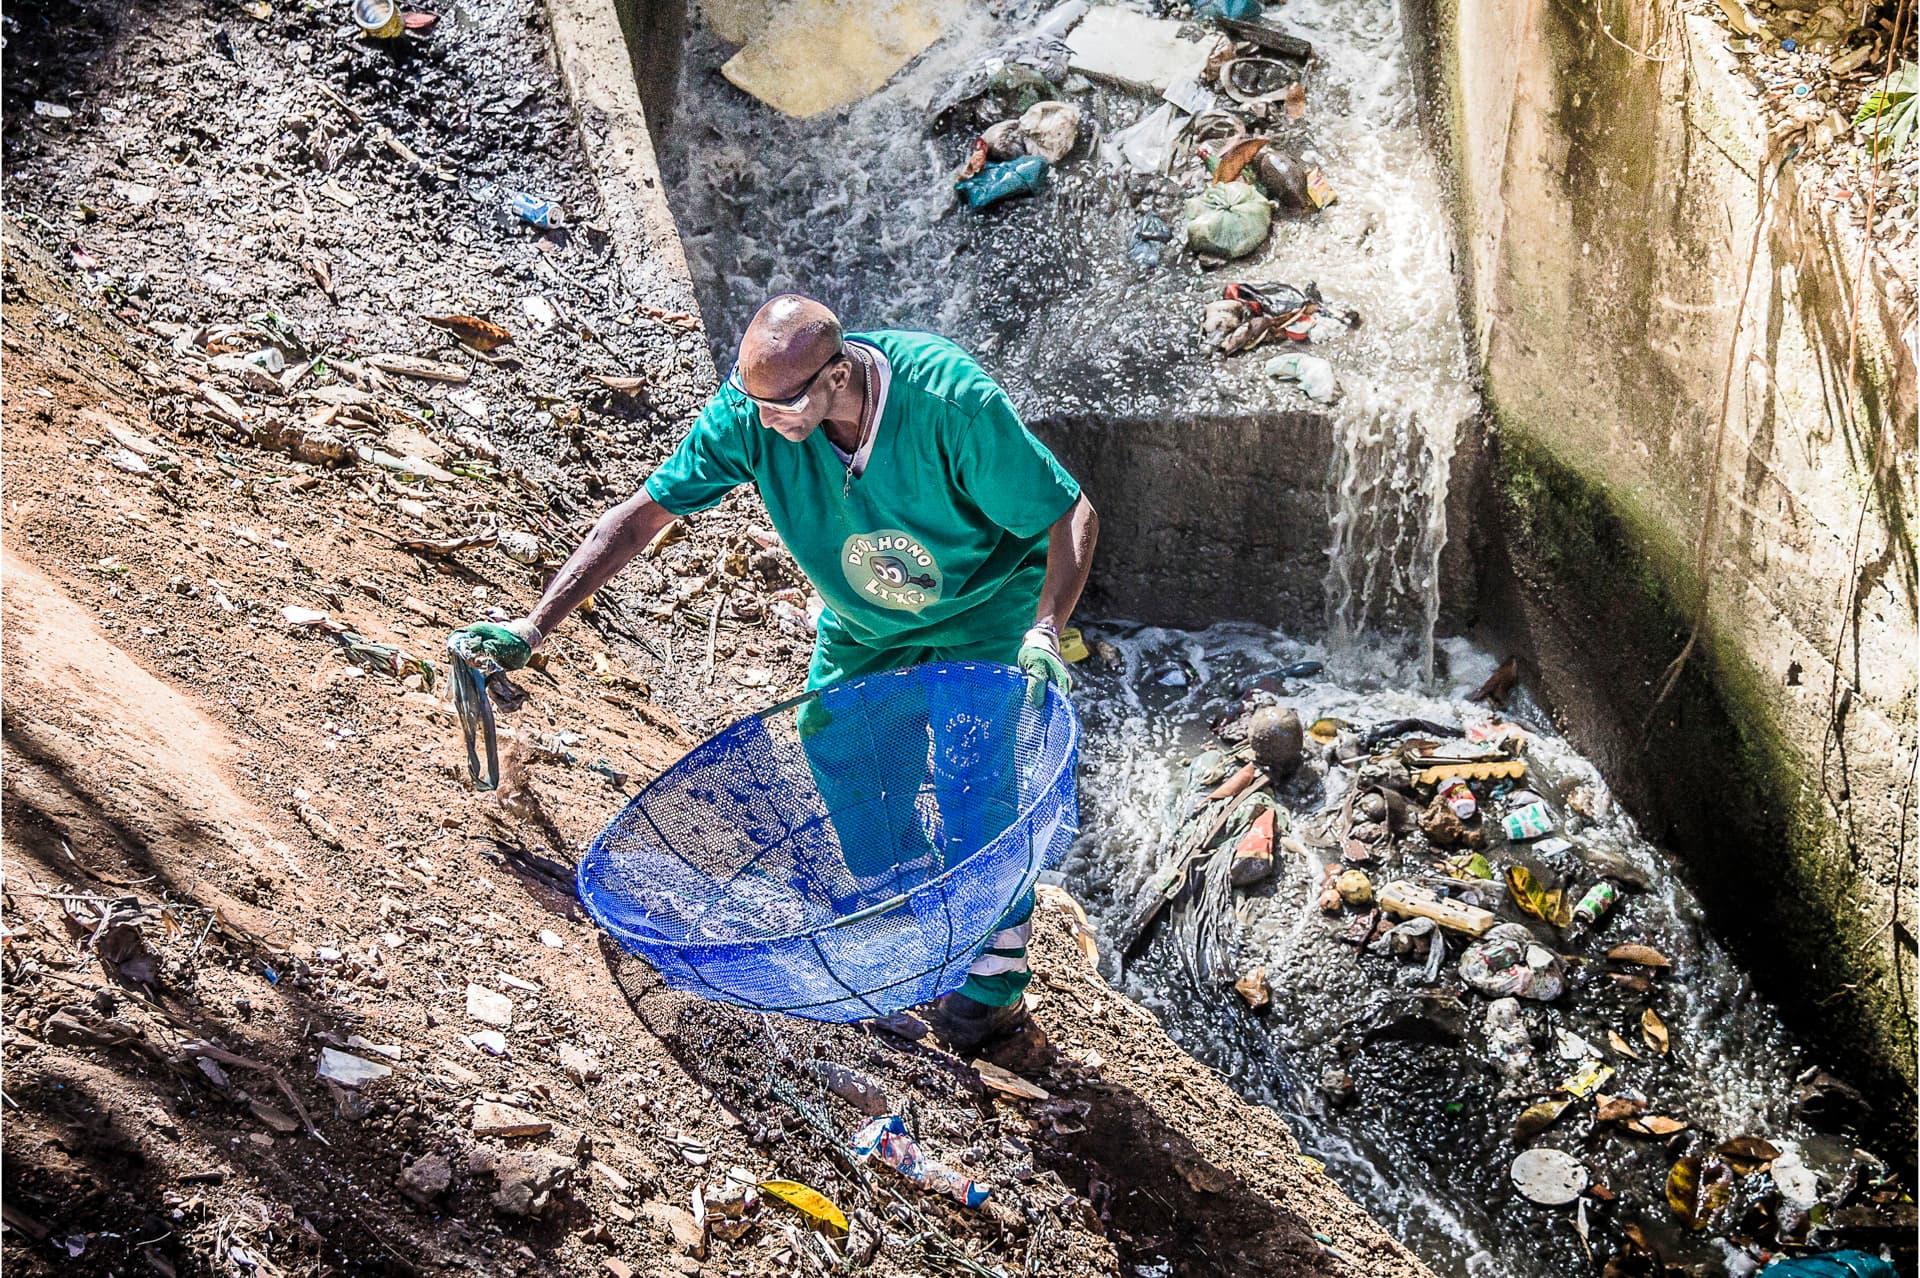 Projetos sociais impactam o meio ambiente e mudam vidas